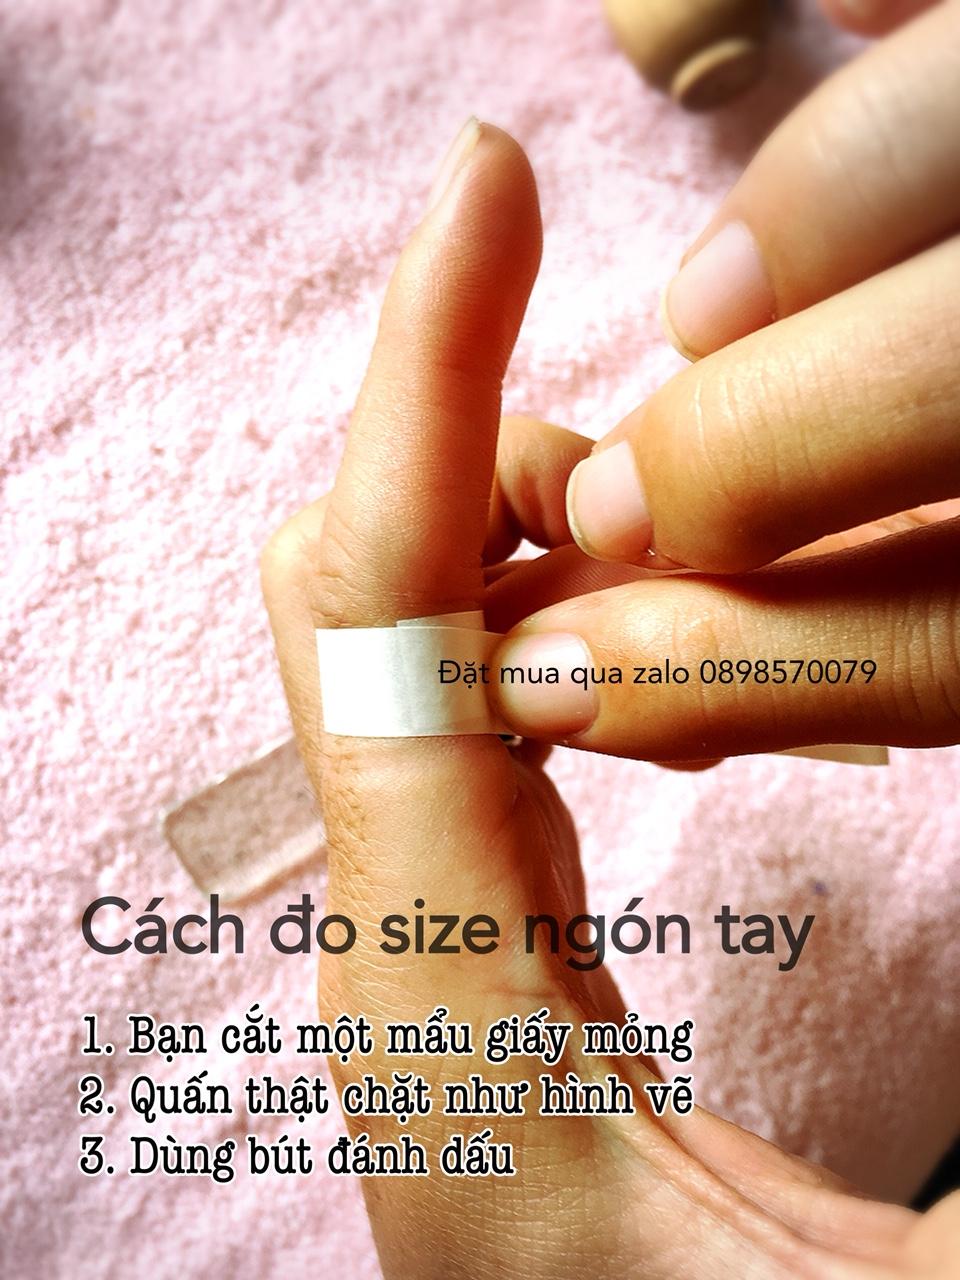 Nhớ quấn chặt khi đo ngón tay đeo nhẫn nhé